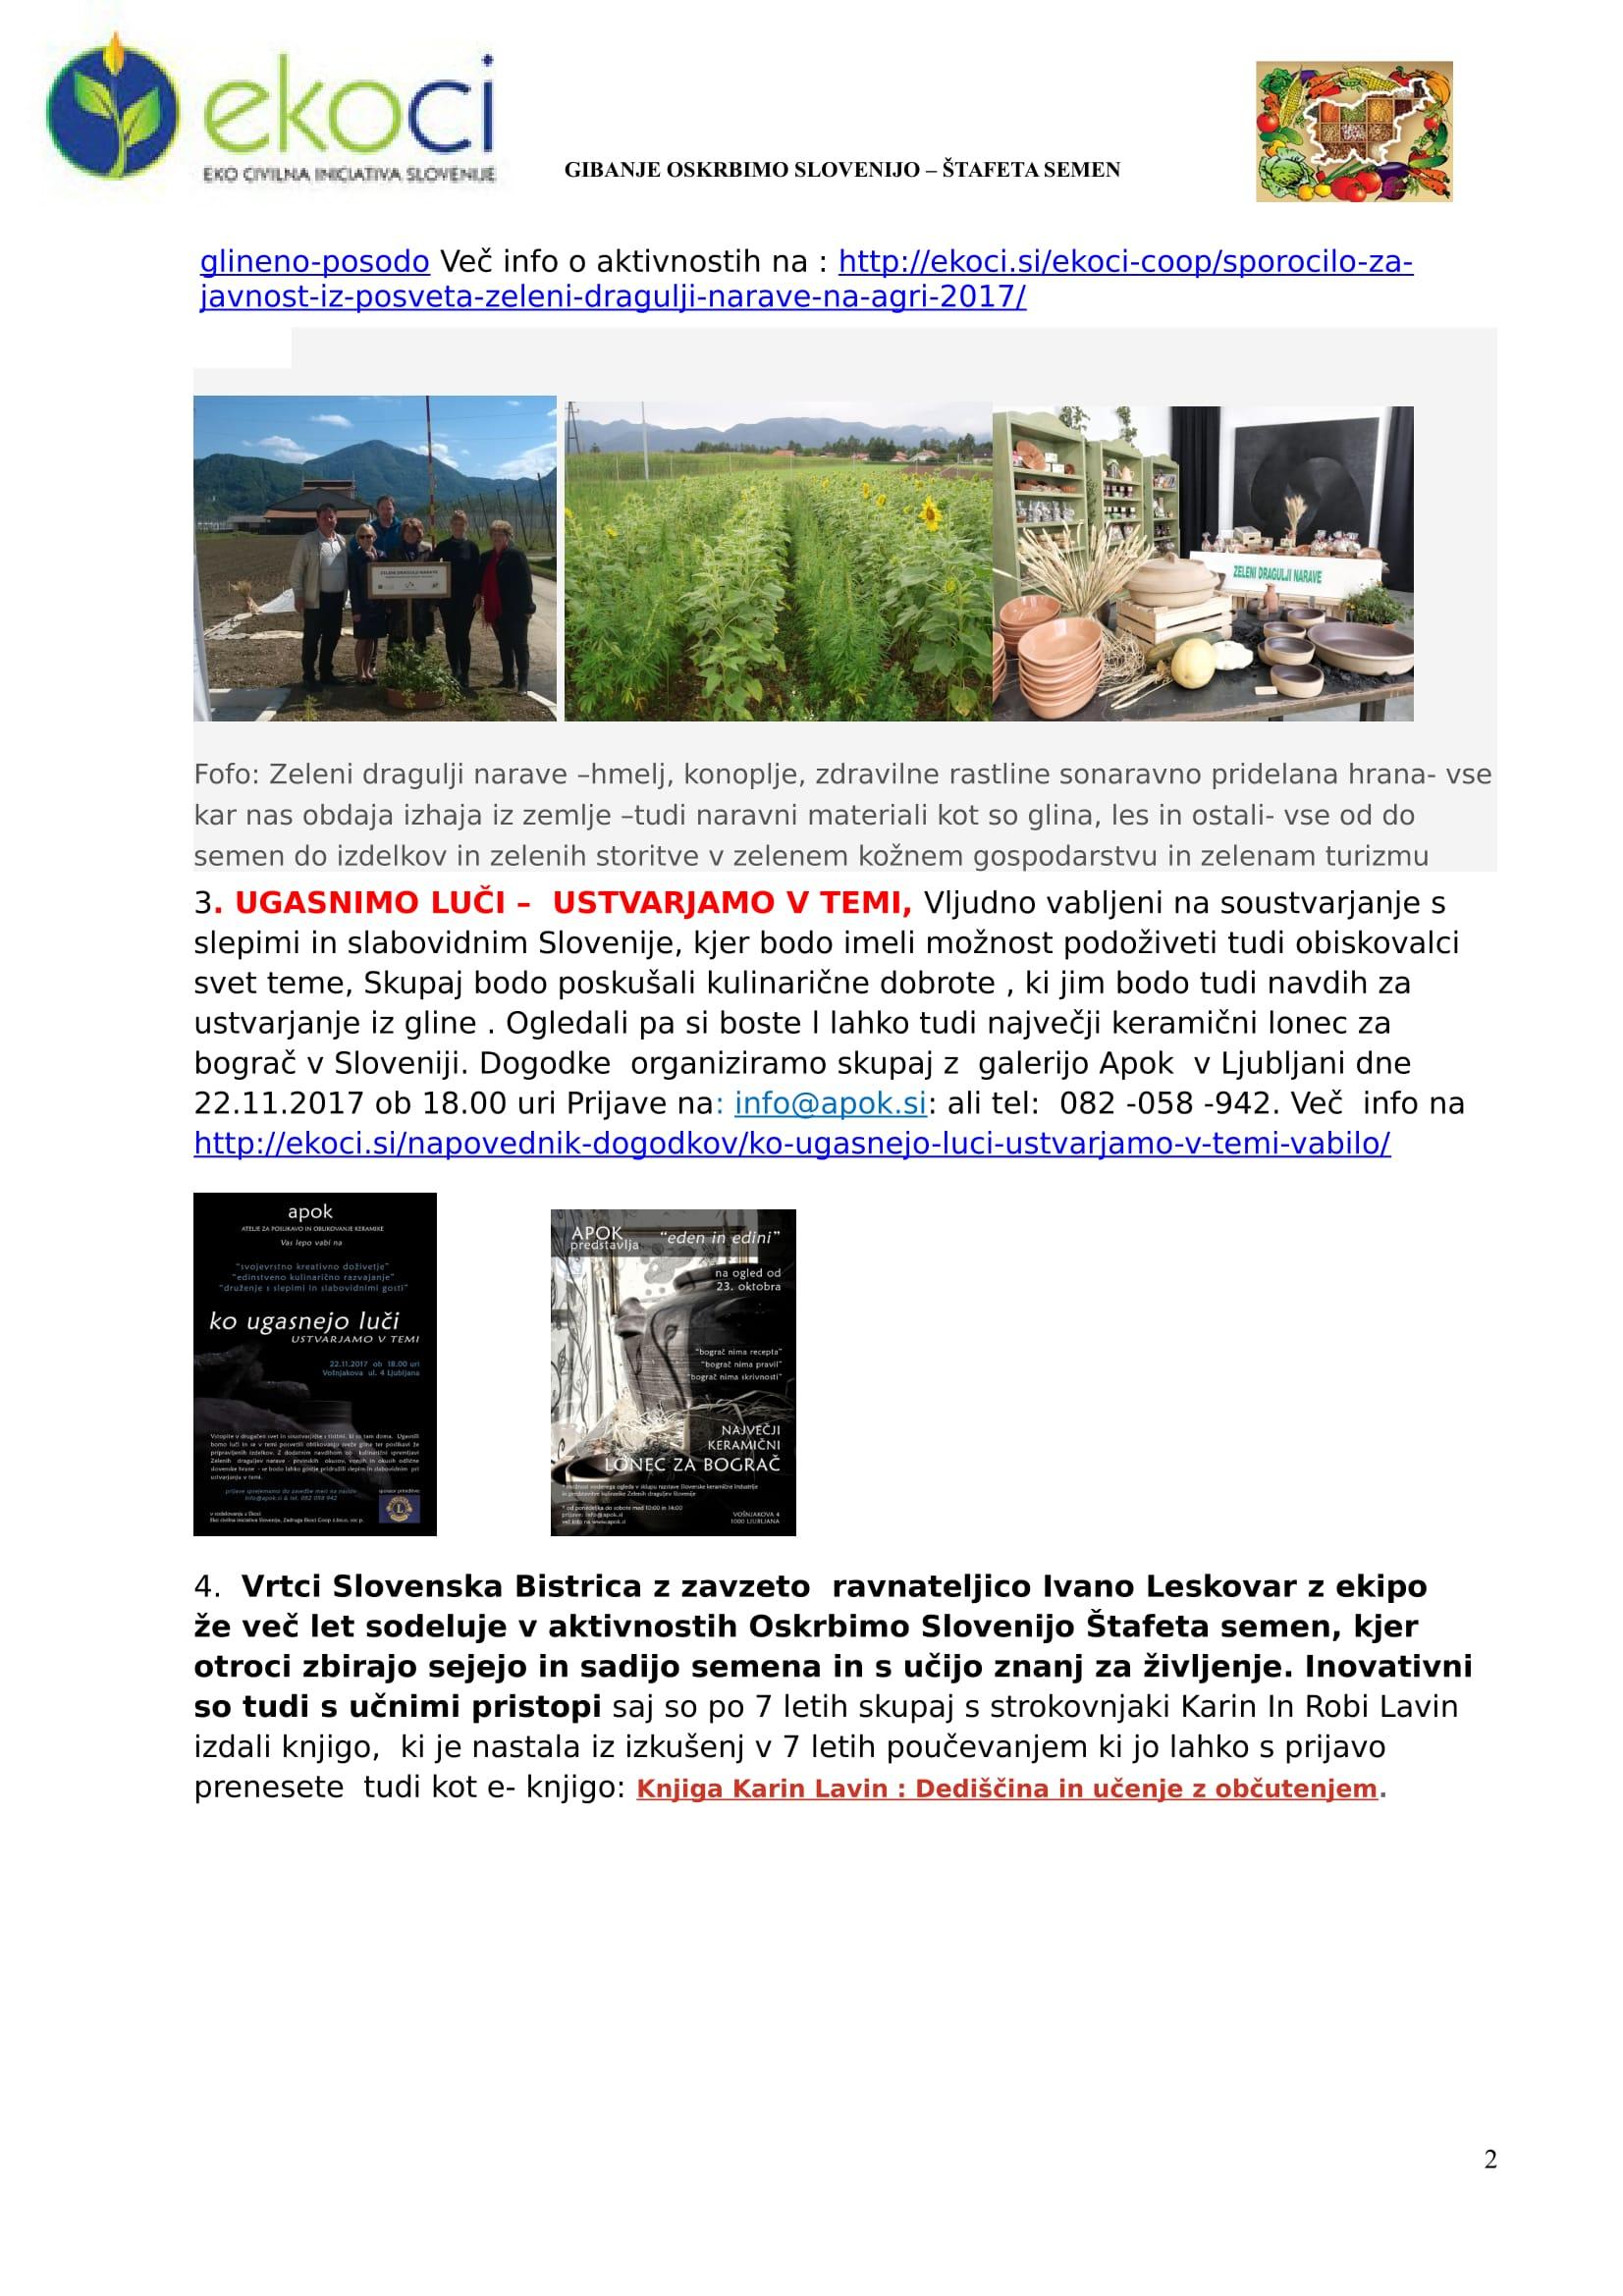 SZJ-STATI INU OBTSTATI- ČESTITKE- VABILA-EKOFEST -OKOLJSKO SREČANJE-2